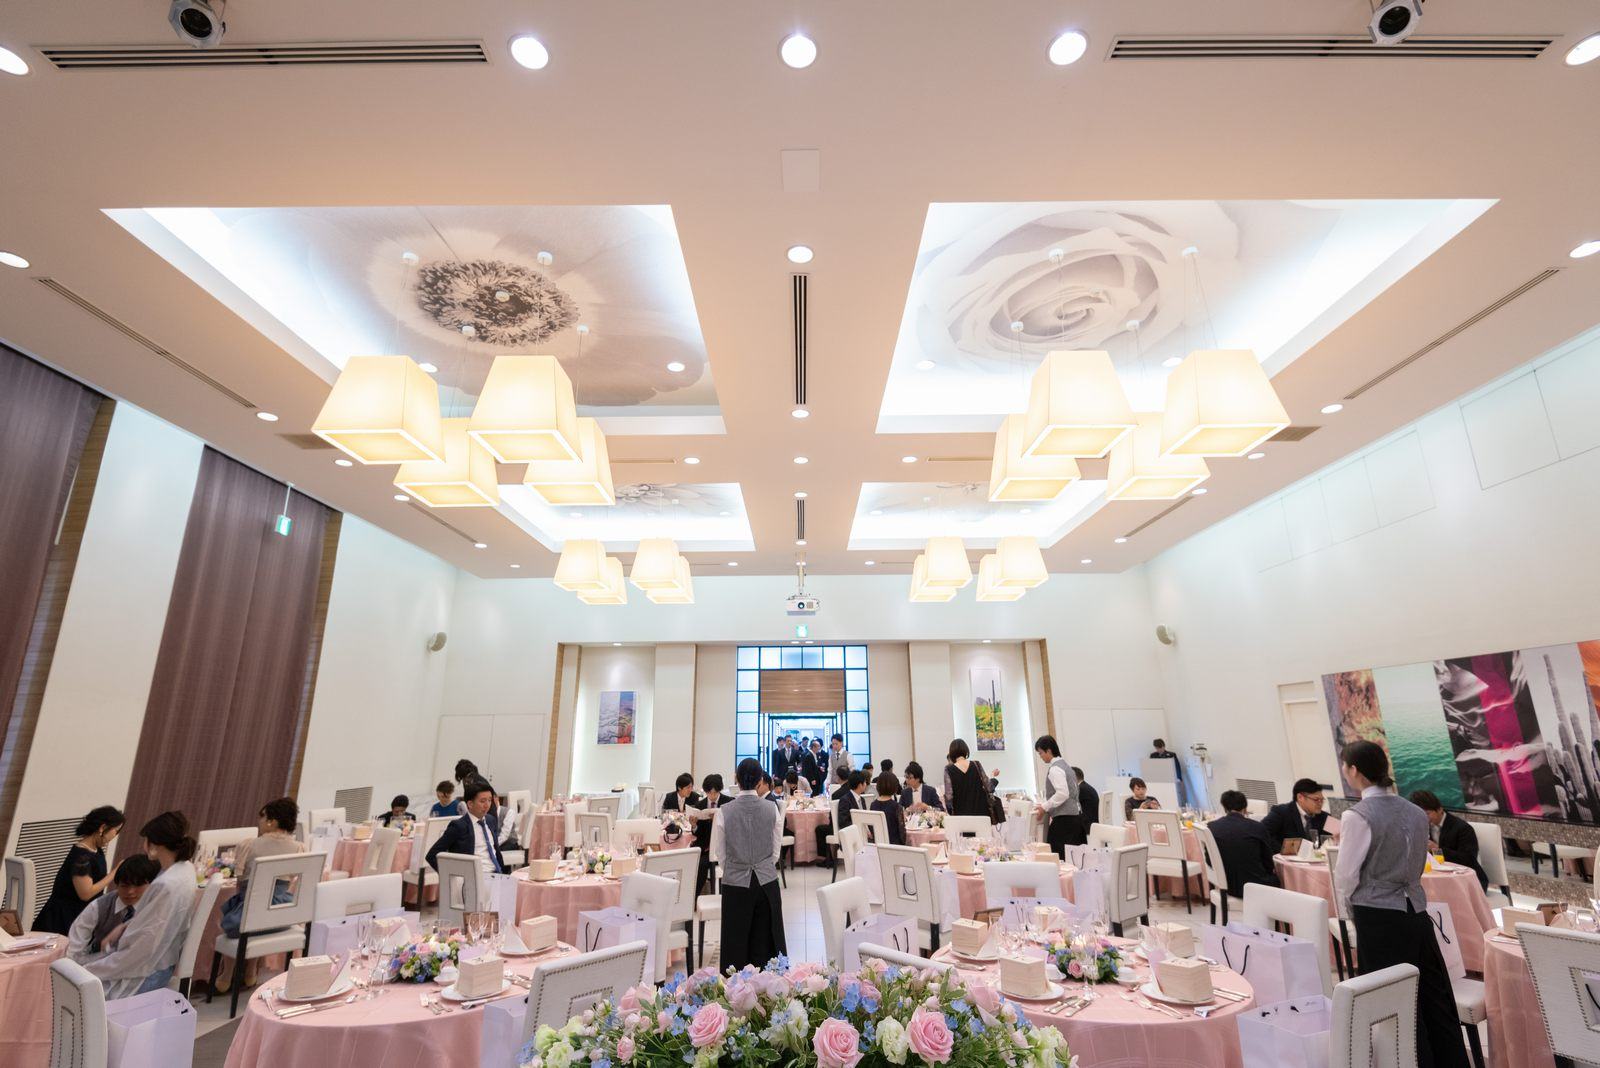 香川の結婚式場シェルエメール&アイスタイル 会場